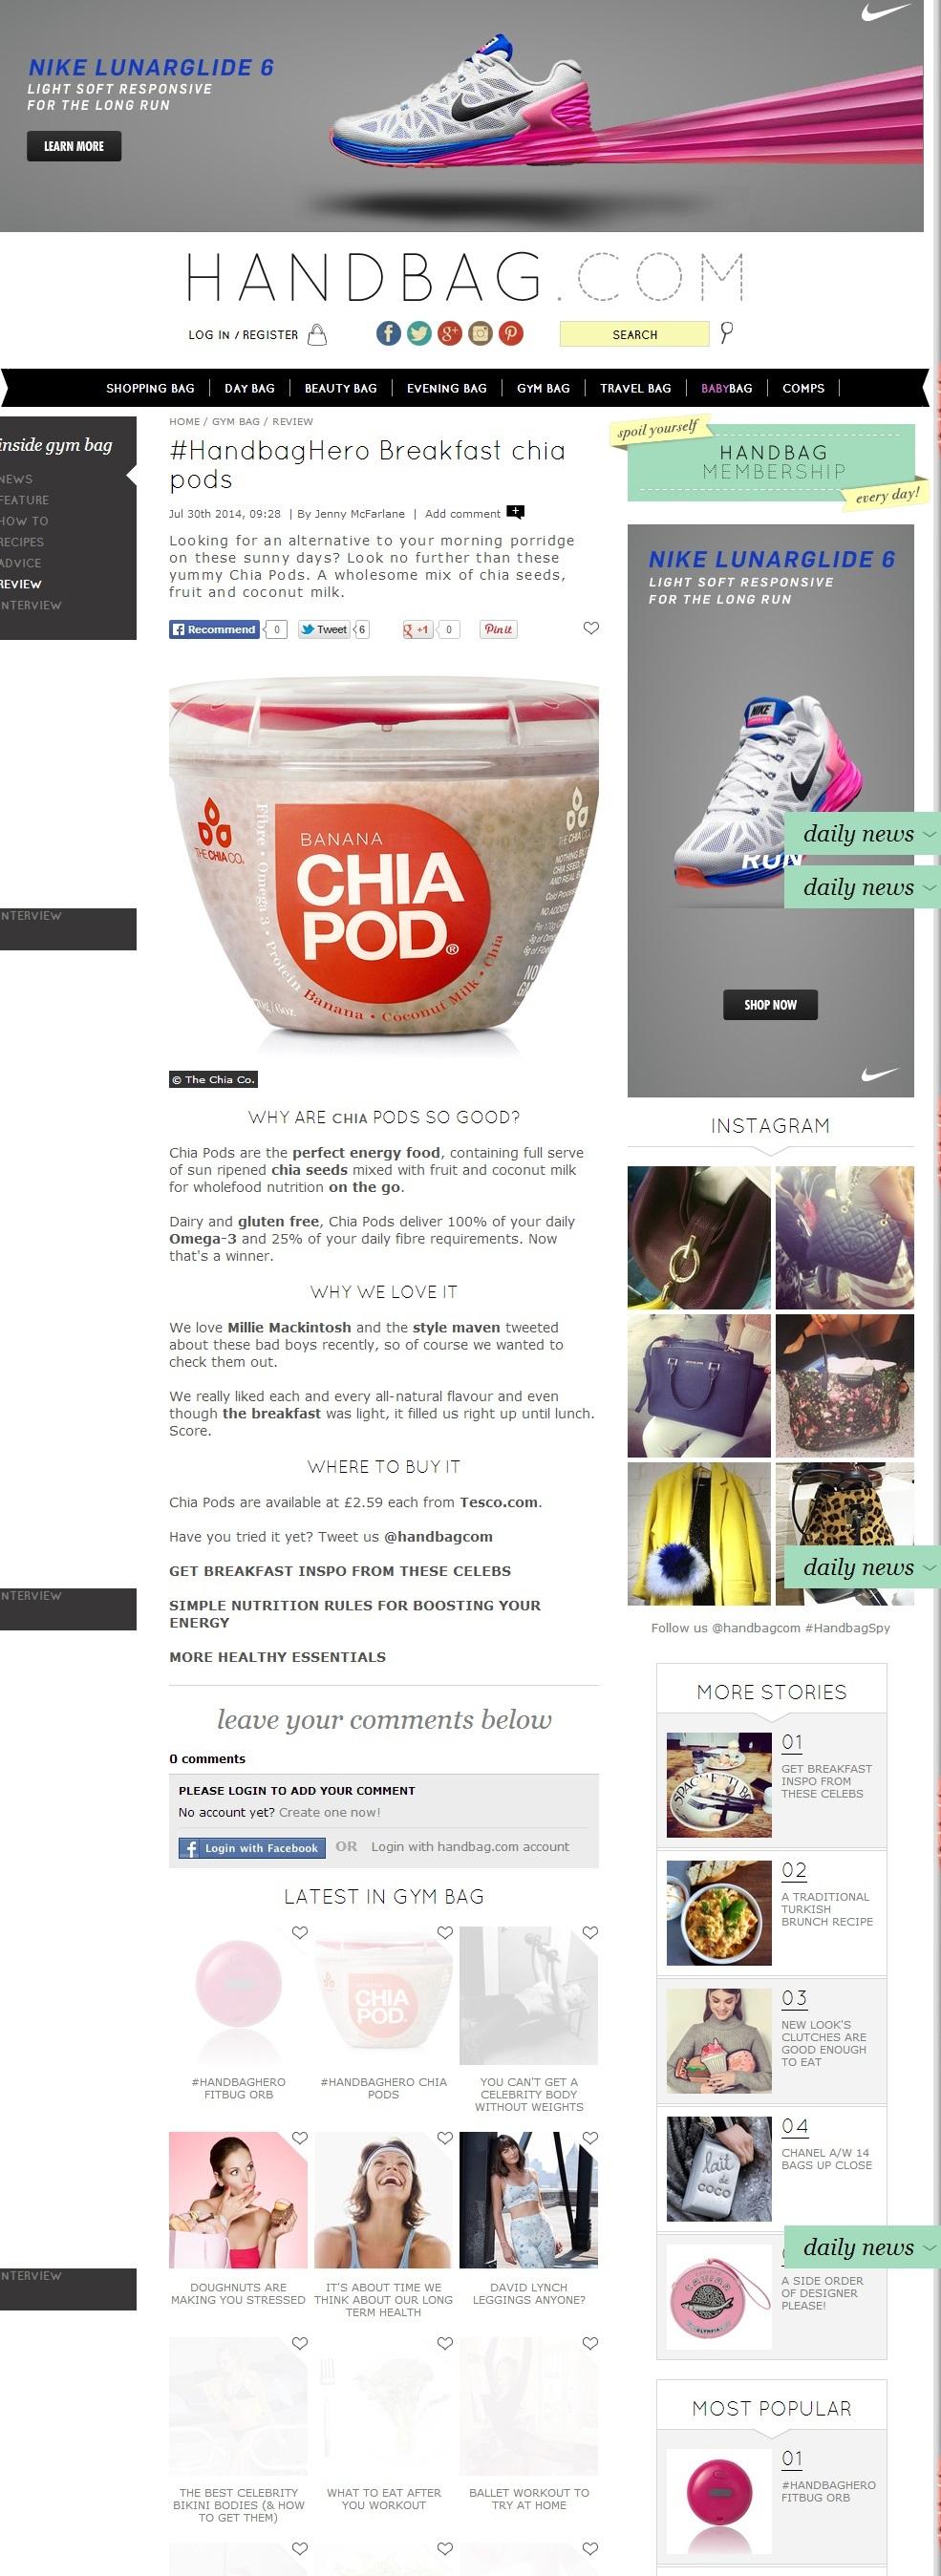 screencapture-www-handbag-com-gym-bag-review-a587347-handbaghero-breakfast-chia-pods-html